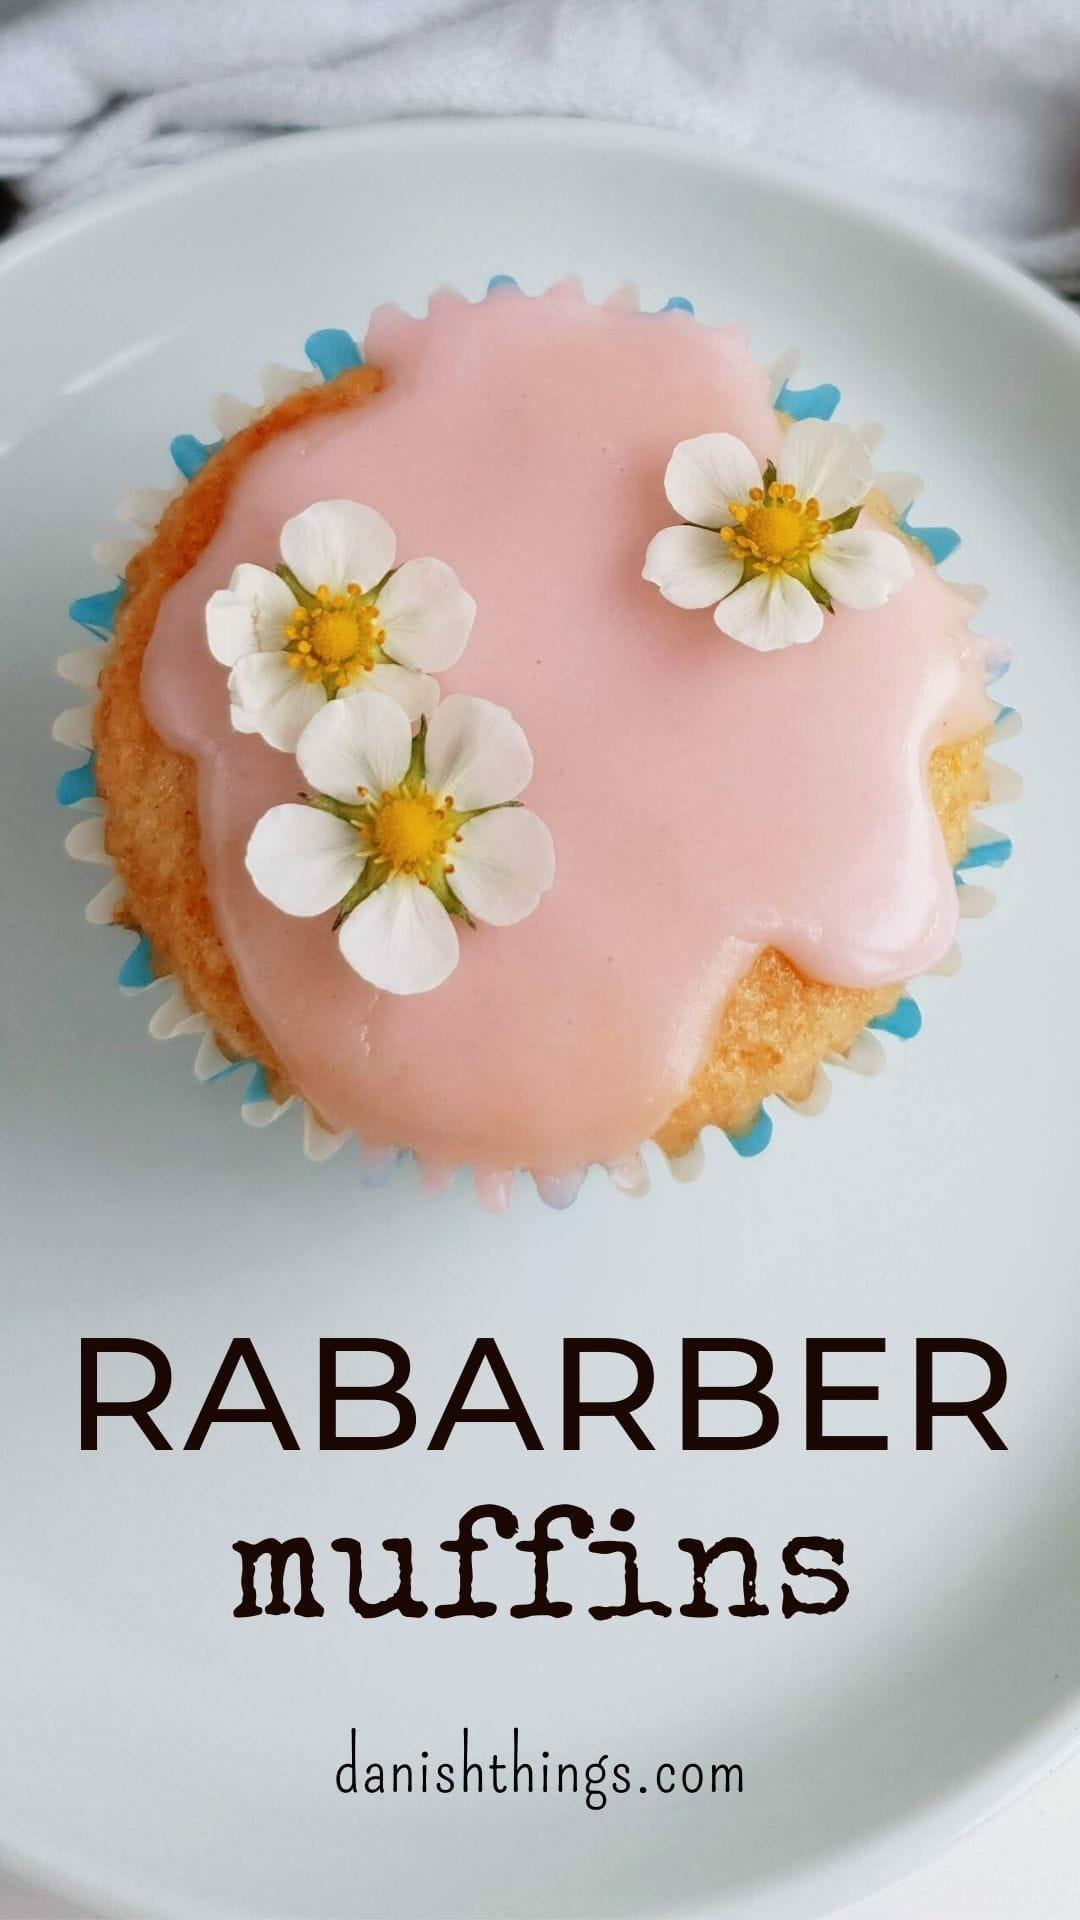 Rabarbermuffins med bagte rabarber og rabarberglasur eller krydret sukkertopping. Bag lette og lækre rabarbermuffins, spis dem som de er, eller lav de fineste rabarber cupcakes. Find opskrifter, gratis print og inspiration til årets gang på danishthings.com #DanishThings #rabarber #bagte-rabarber #bagte #muffin #muffins #rabarbermuffins #rabarberglasur #kage